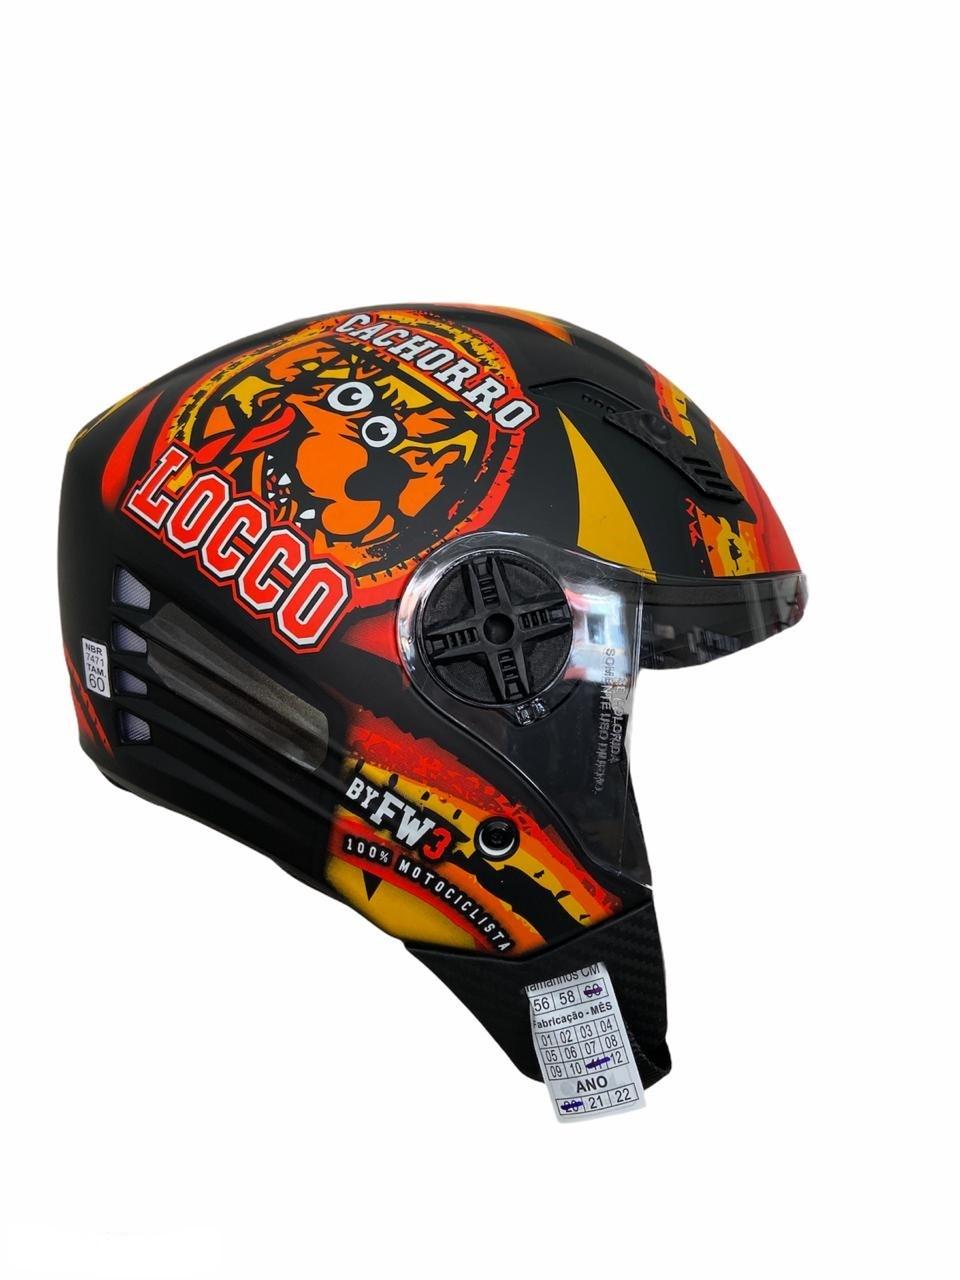 Capacete de moto aberto Cachorro Locco X-Open preto fosco